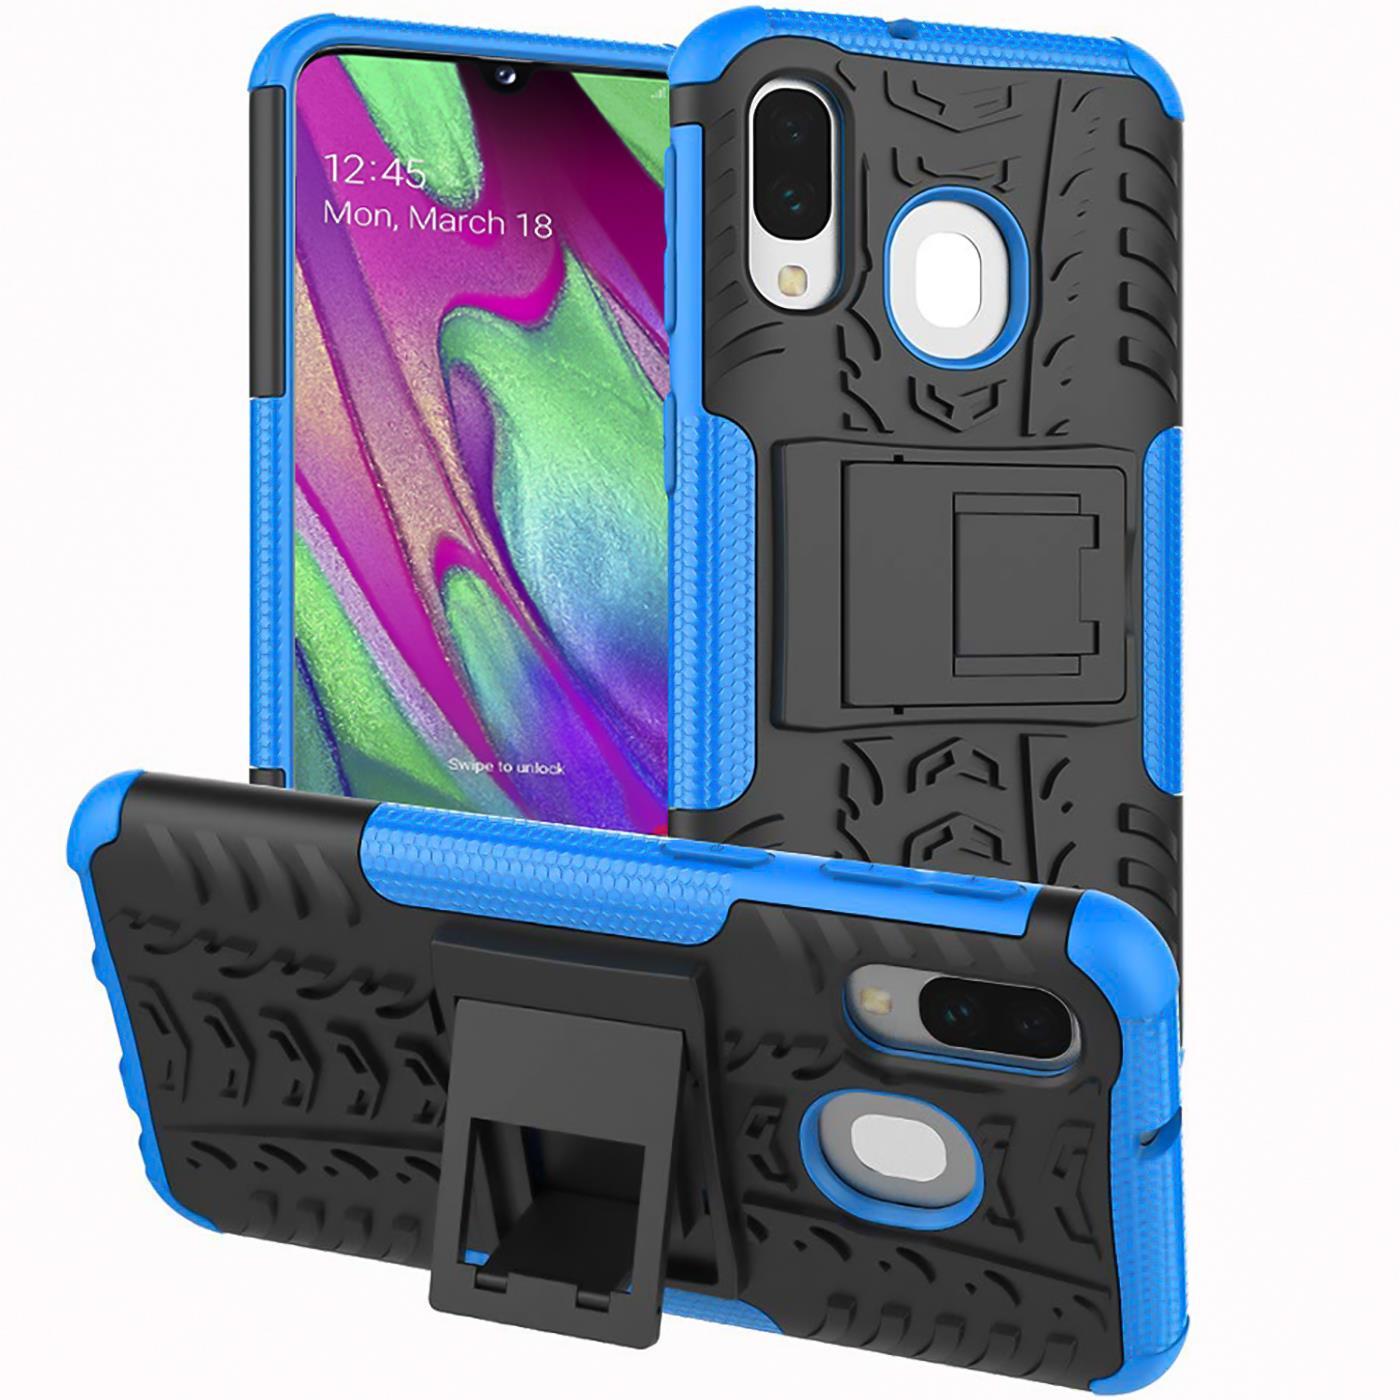 Schutzhuelle-Samsung-Galaxy-A20e-Handy-Tasche-Schutz-Huelle-Hybrid-Panzer-Case Indexbild 8